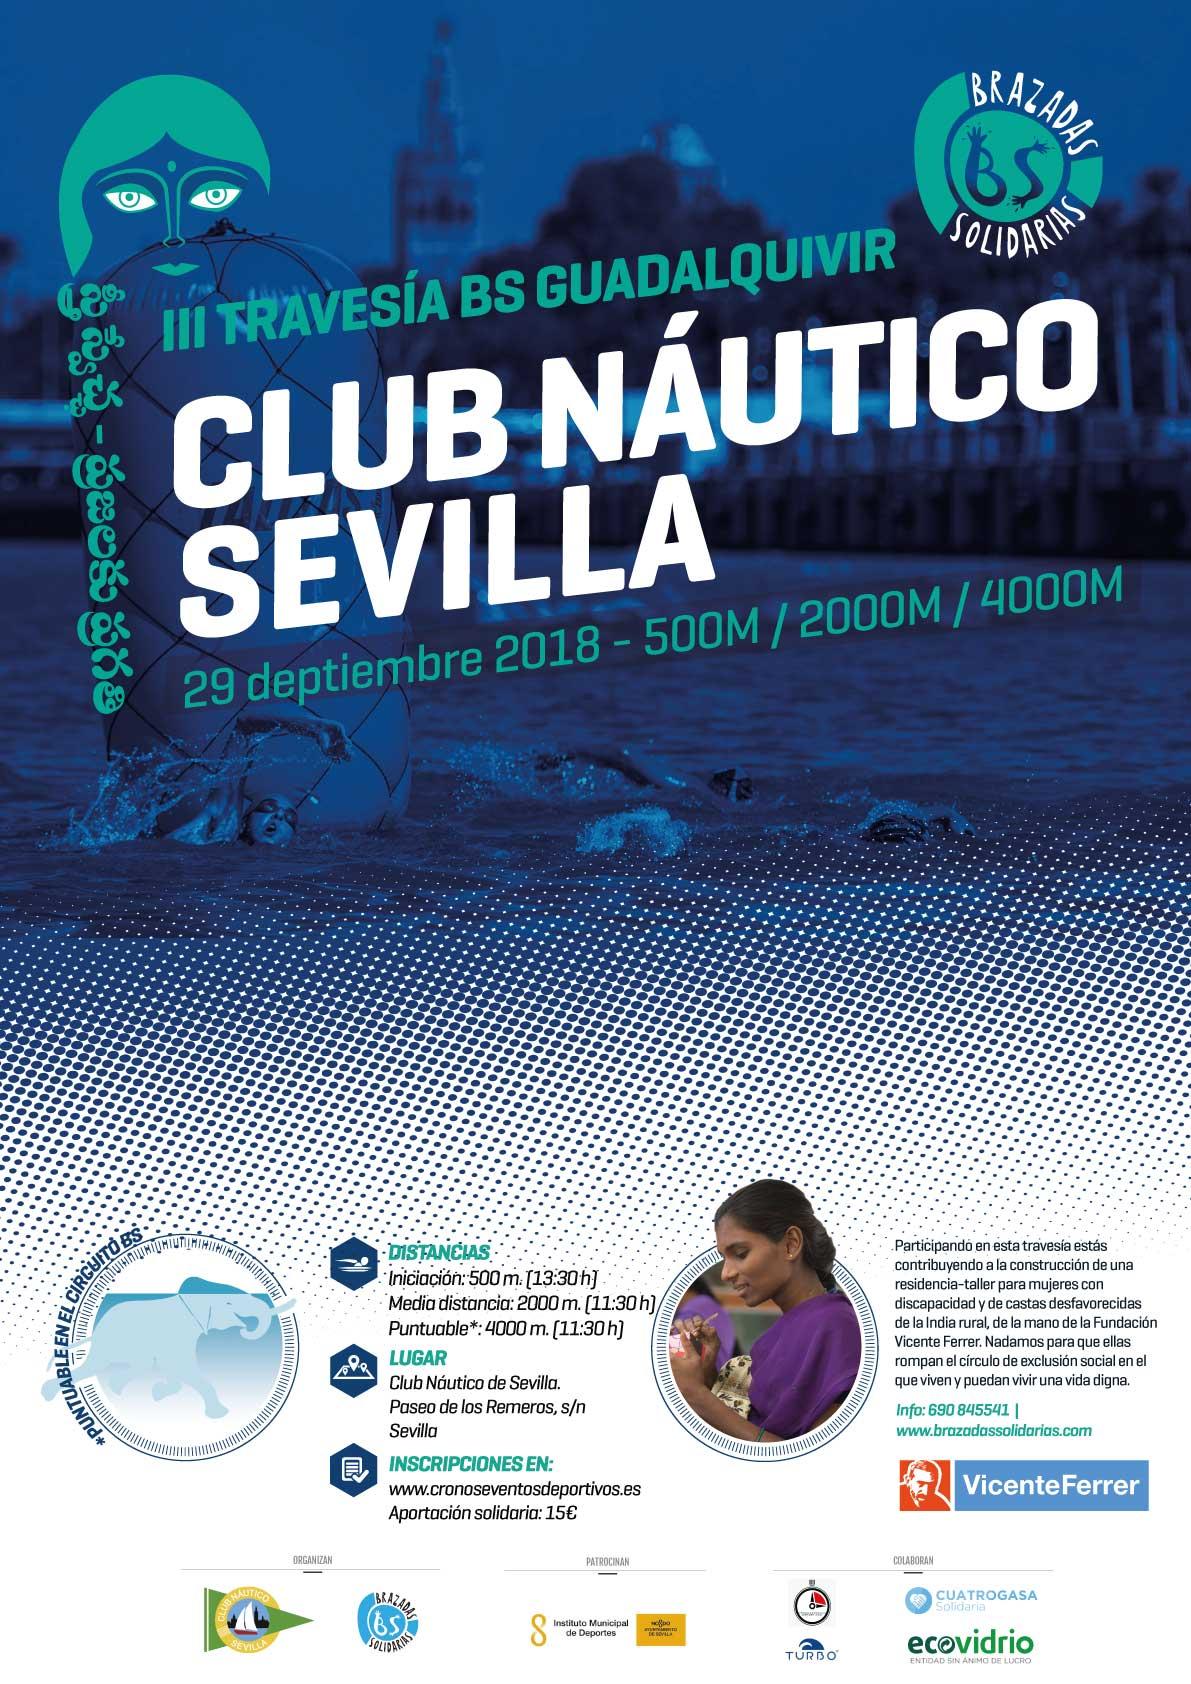 Travesía Club Náutico Sevilla